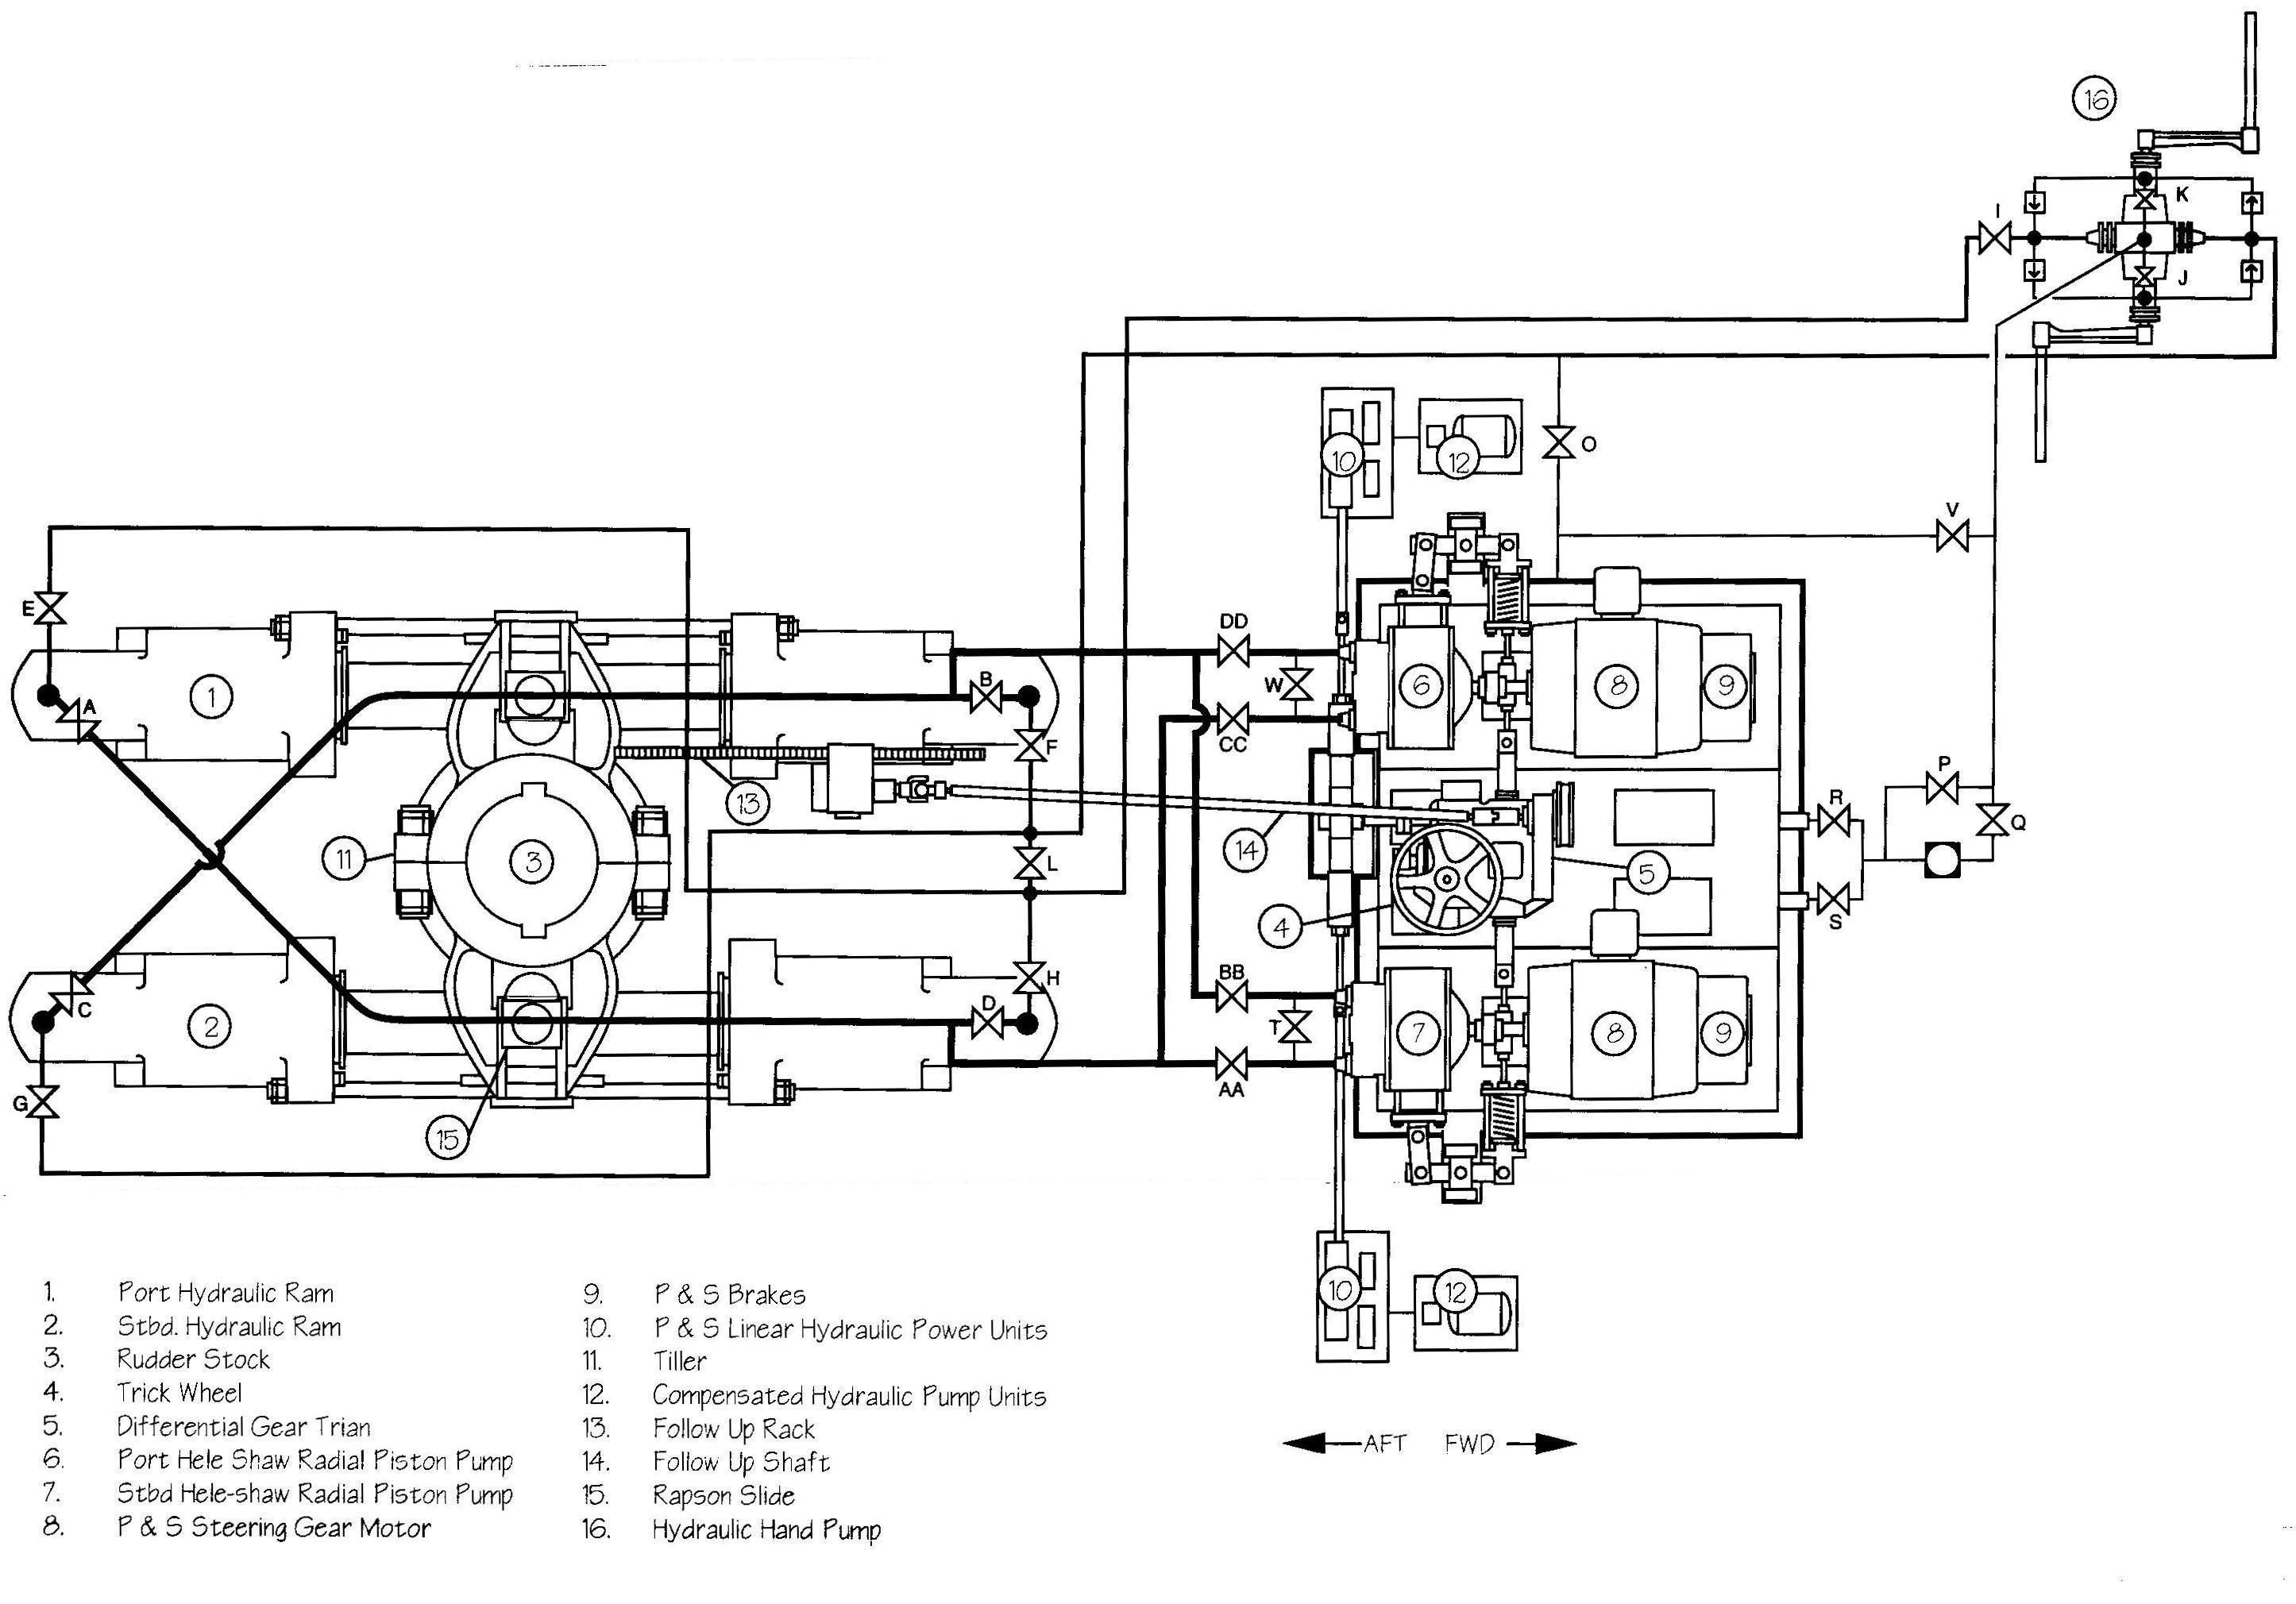 Hydraulic Pump Diagram